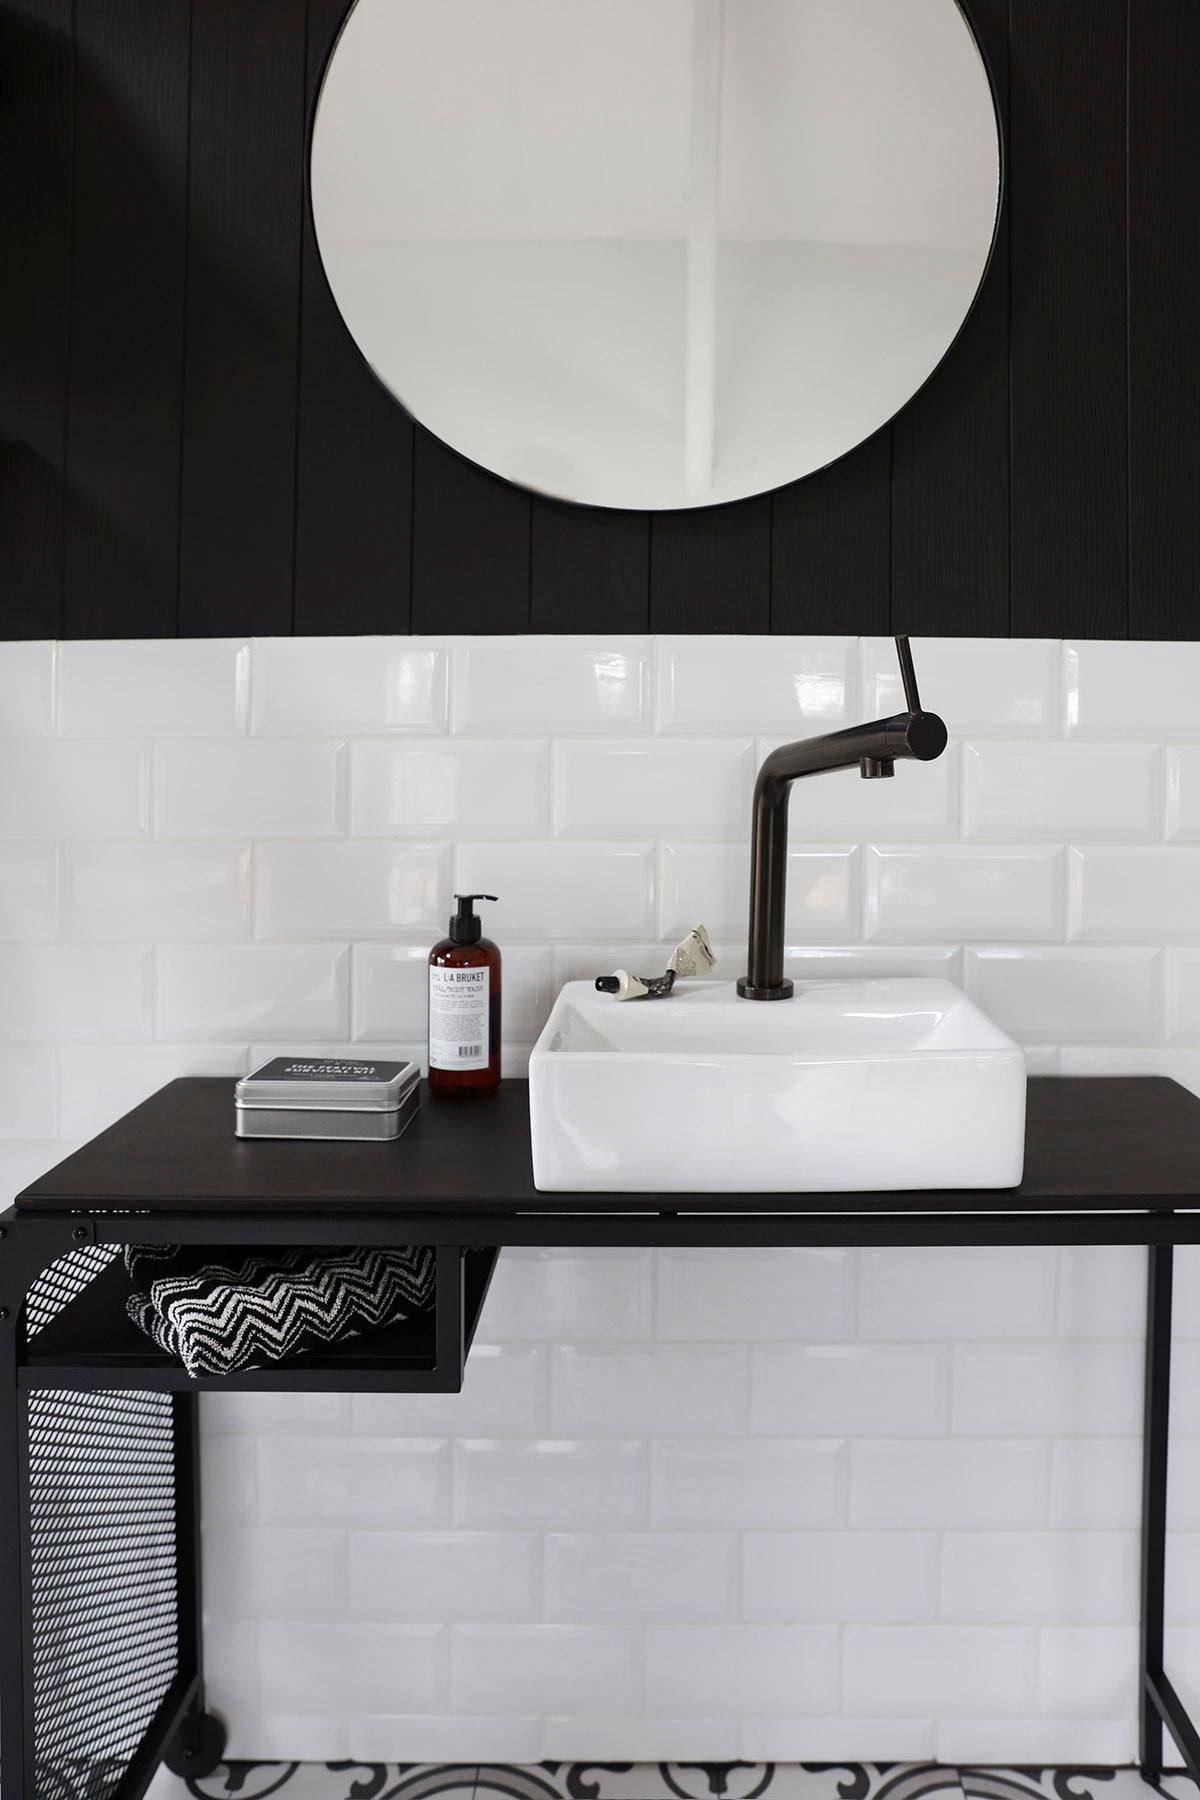 kjøkkenvask i vit med sort servantkran